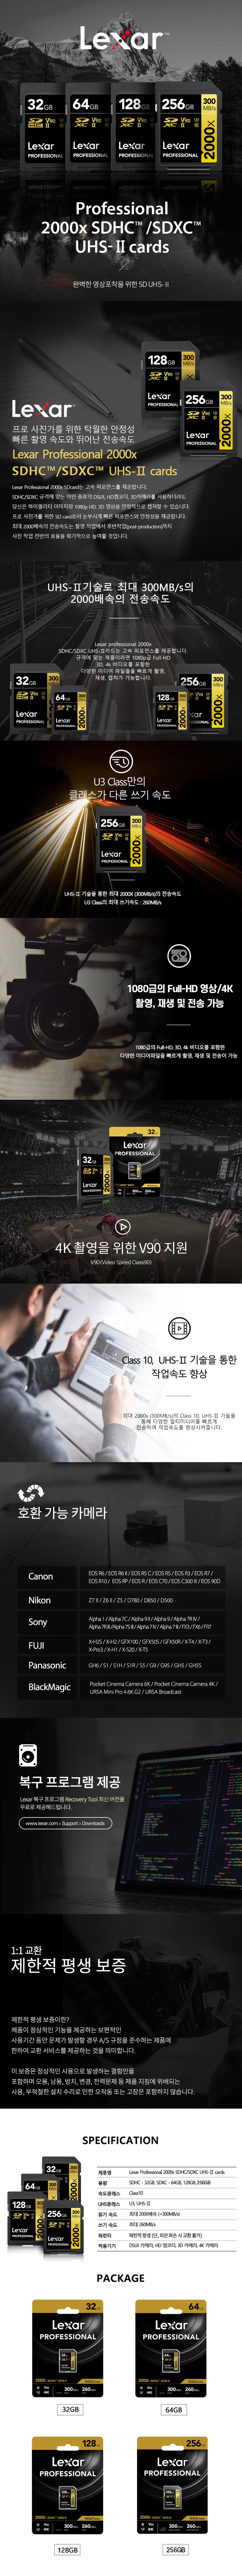 렉사 공식판매원 SD카드 2000배속 UHS-Ⅱ급 64GB - 렉사, 158,700원, SD/Micro SD/메모리카드, Micro SD카드